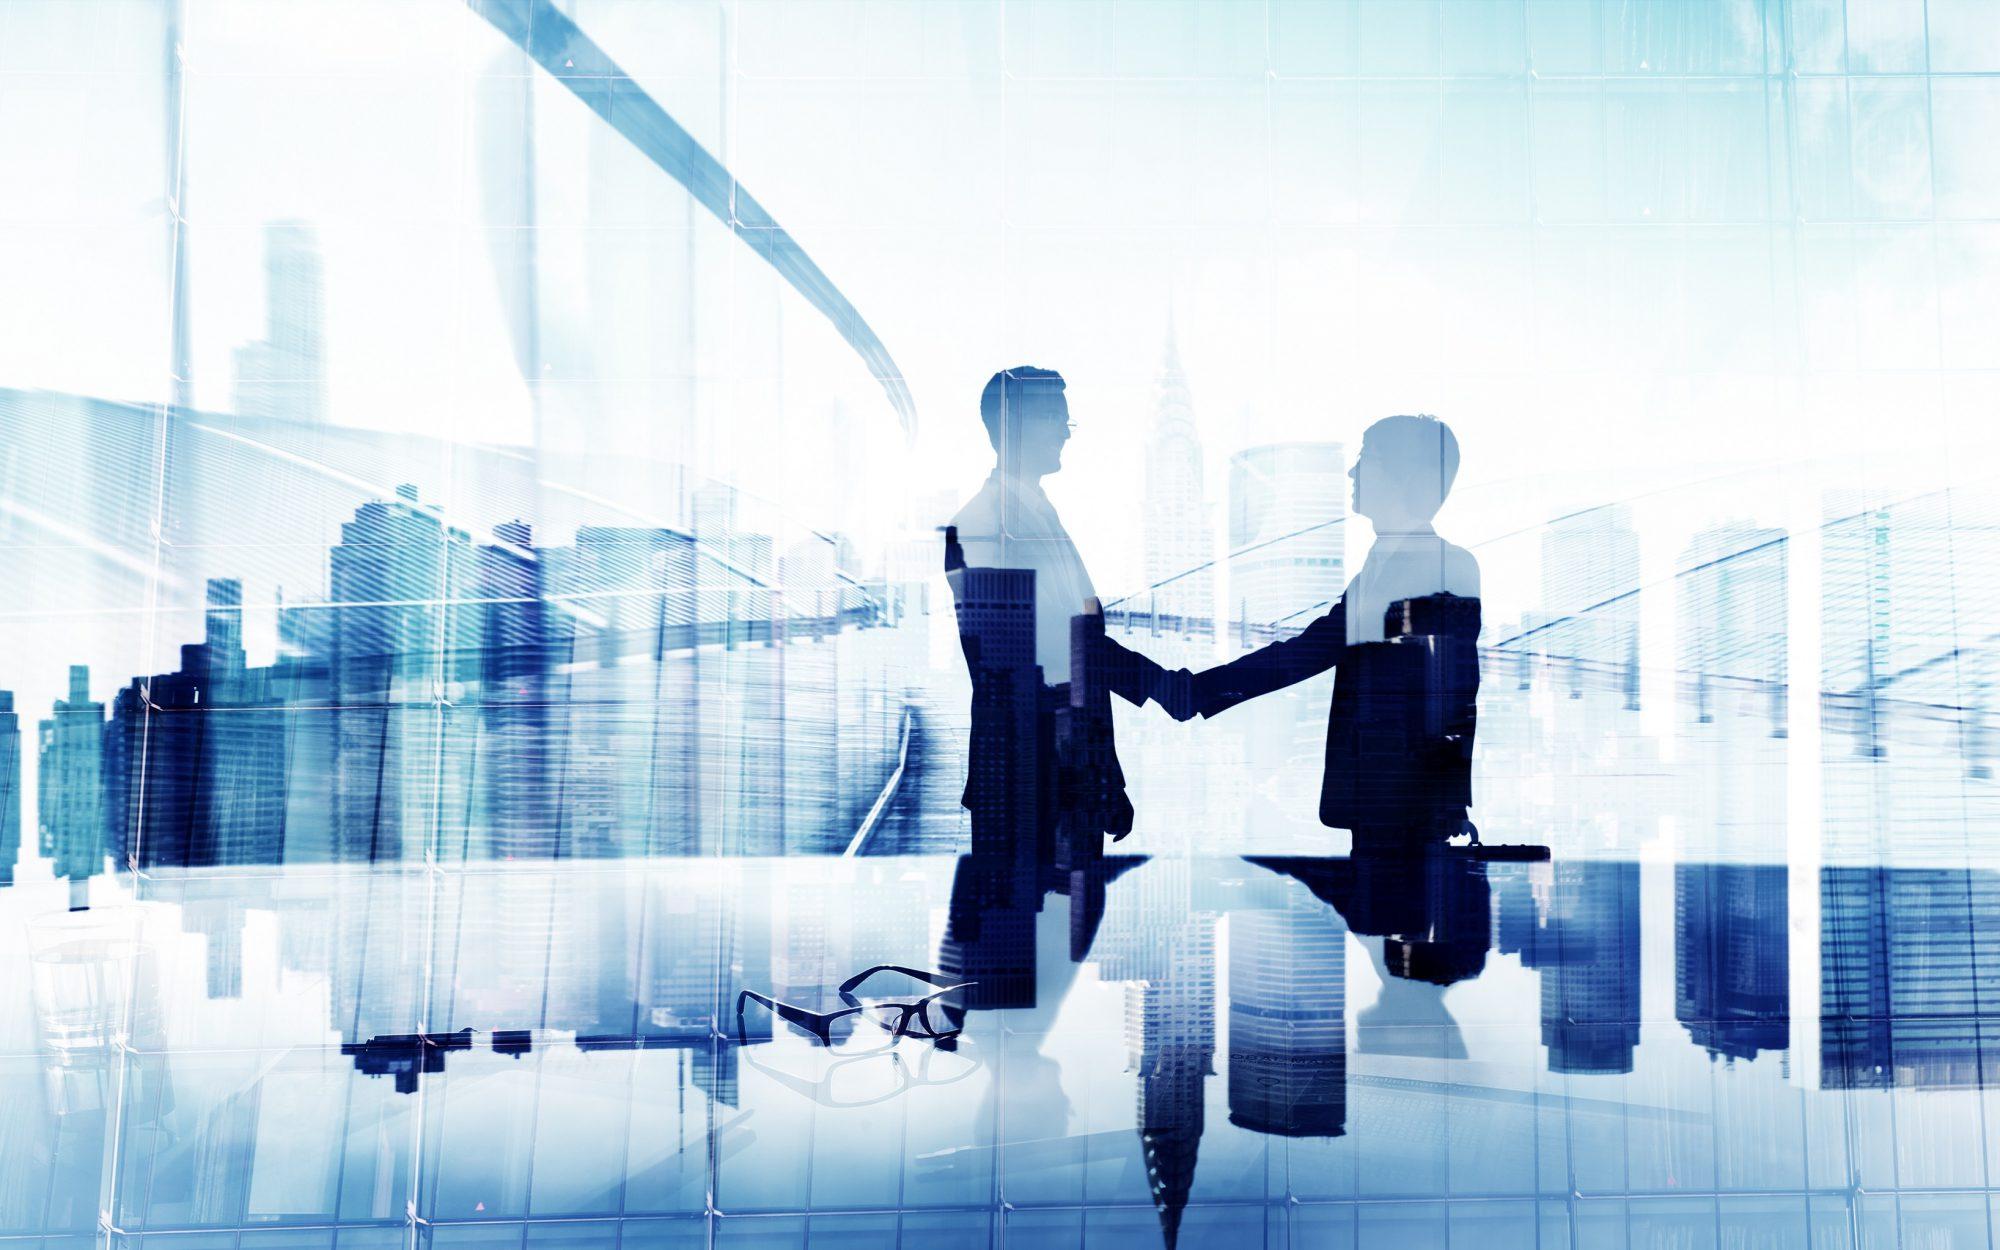 Fusioni - Acquisizioni - Transazioni societarie (4) Imc